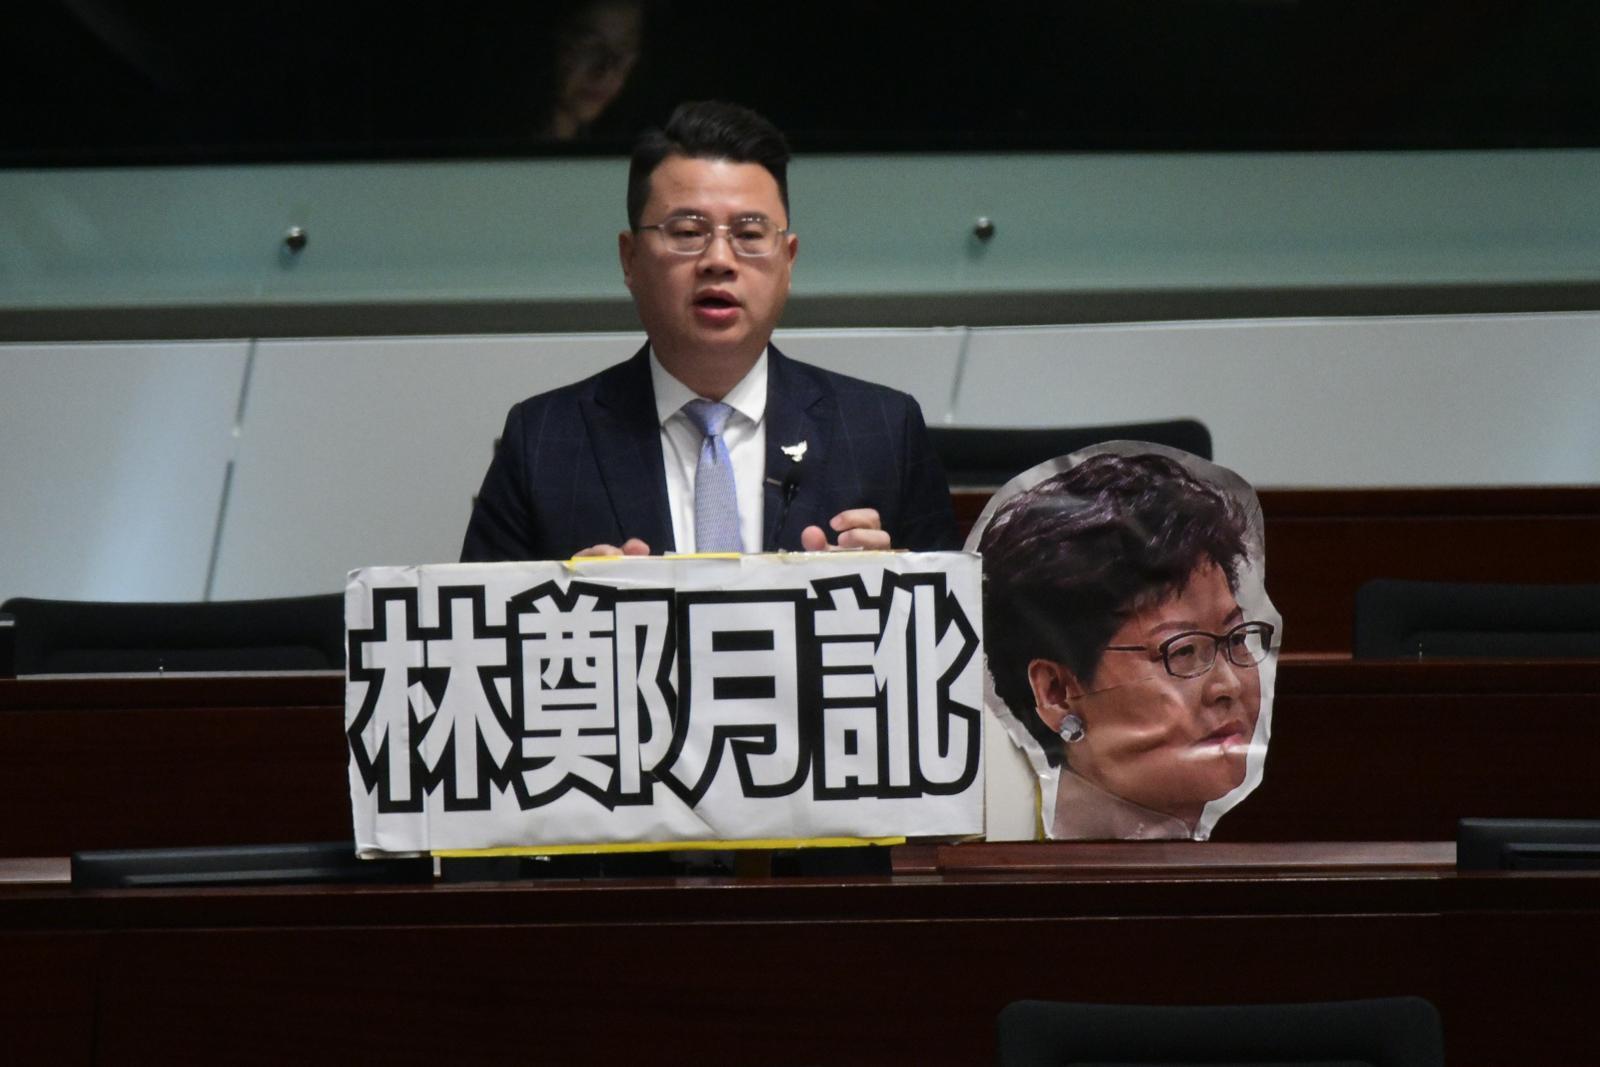 民主派议员动议引特权法查6.12事件 李家超批不必要吁否决